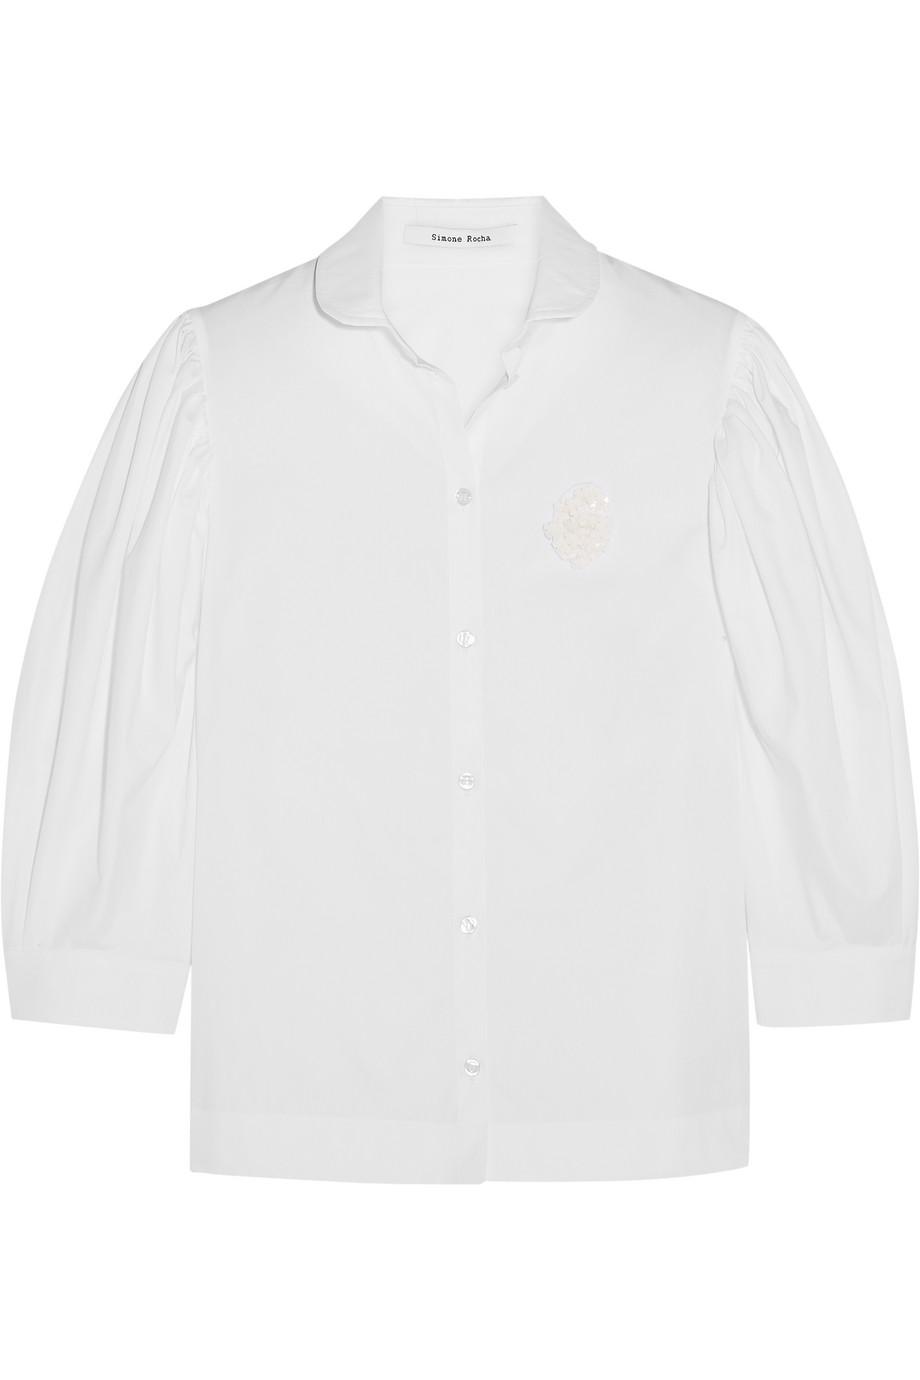 Simone Rocha Floral-Appliquéd Cotton-Poplin Shirt, White, Women's, Size: 6